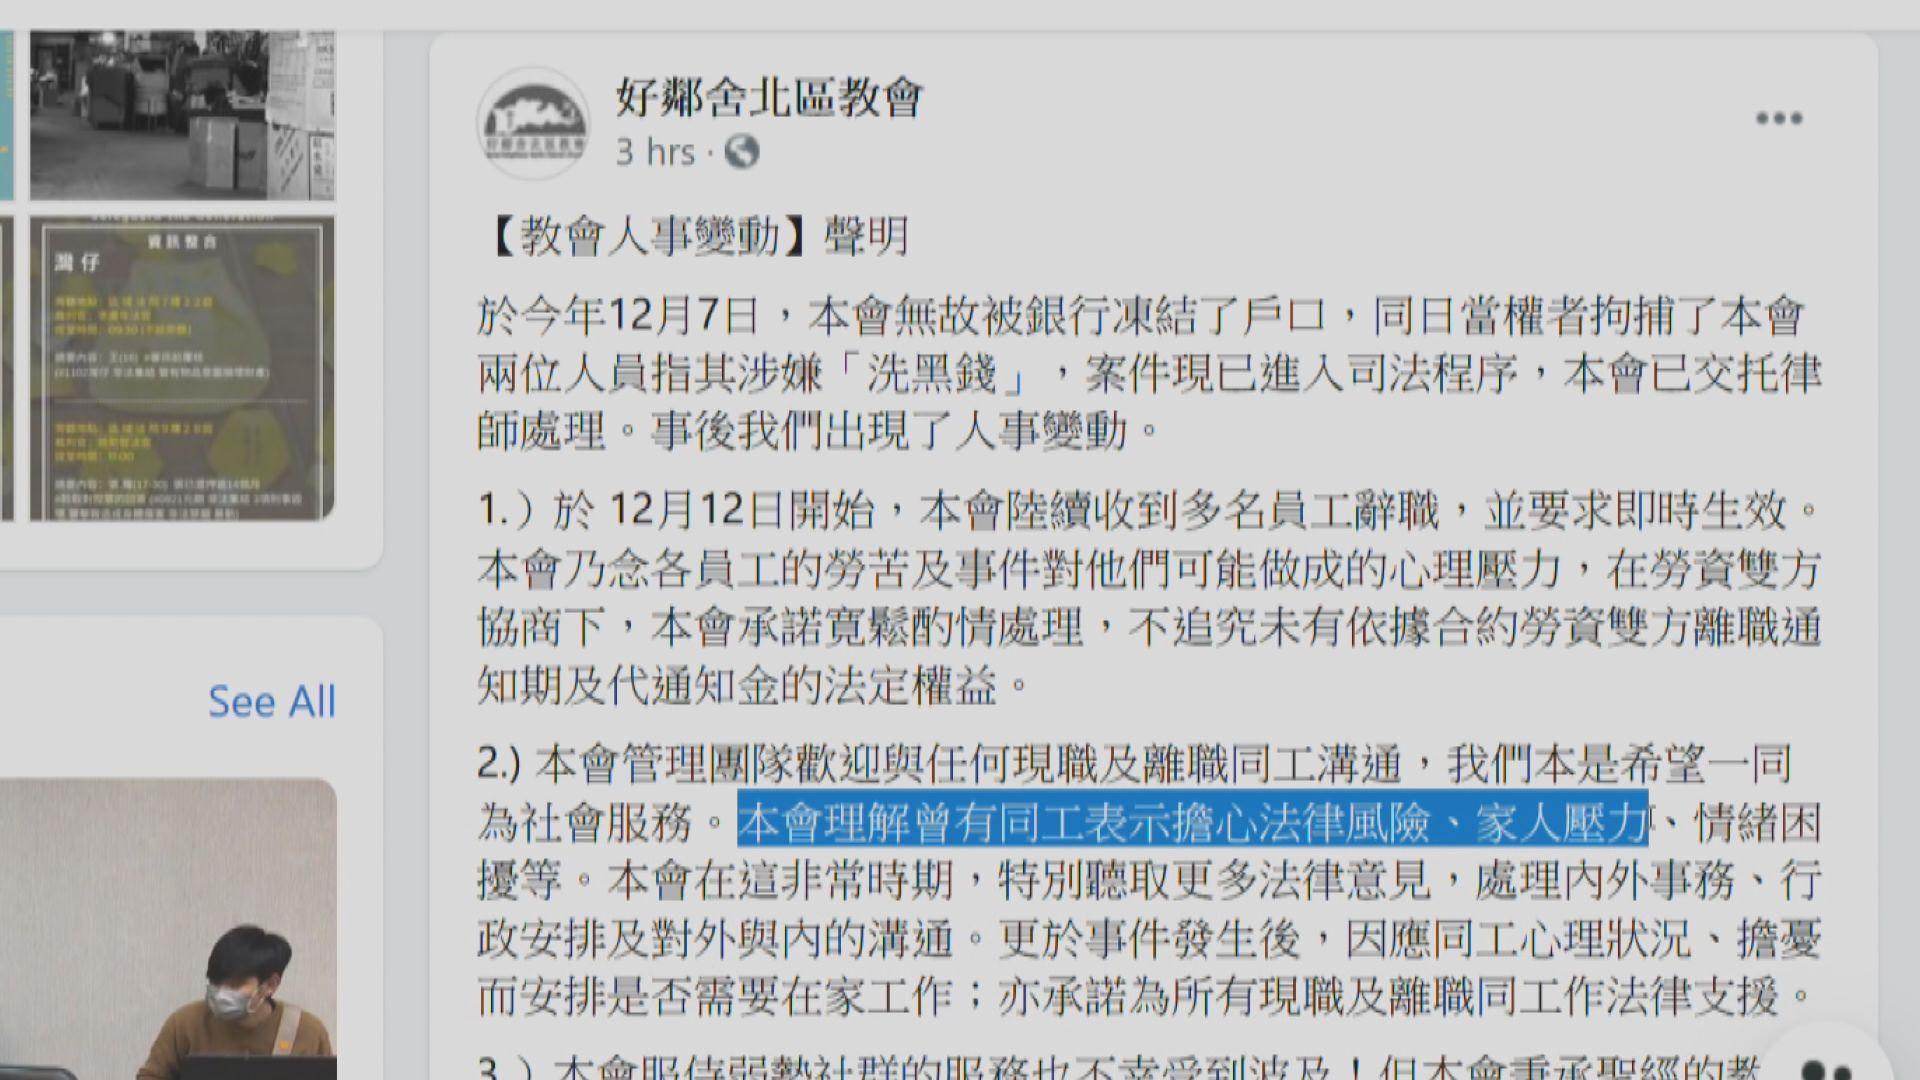 好鄰舍北區教會:陳凱興及多名員工已辭職